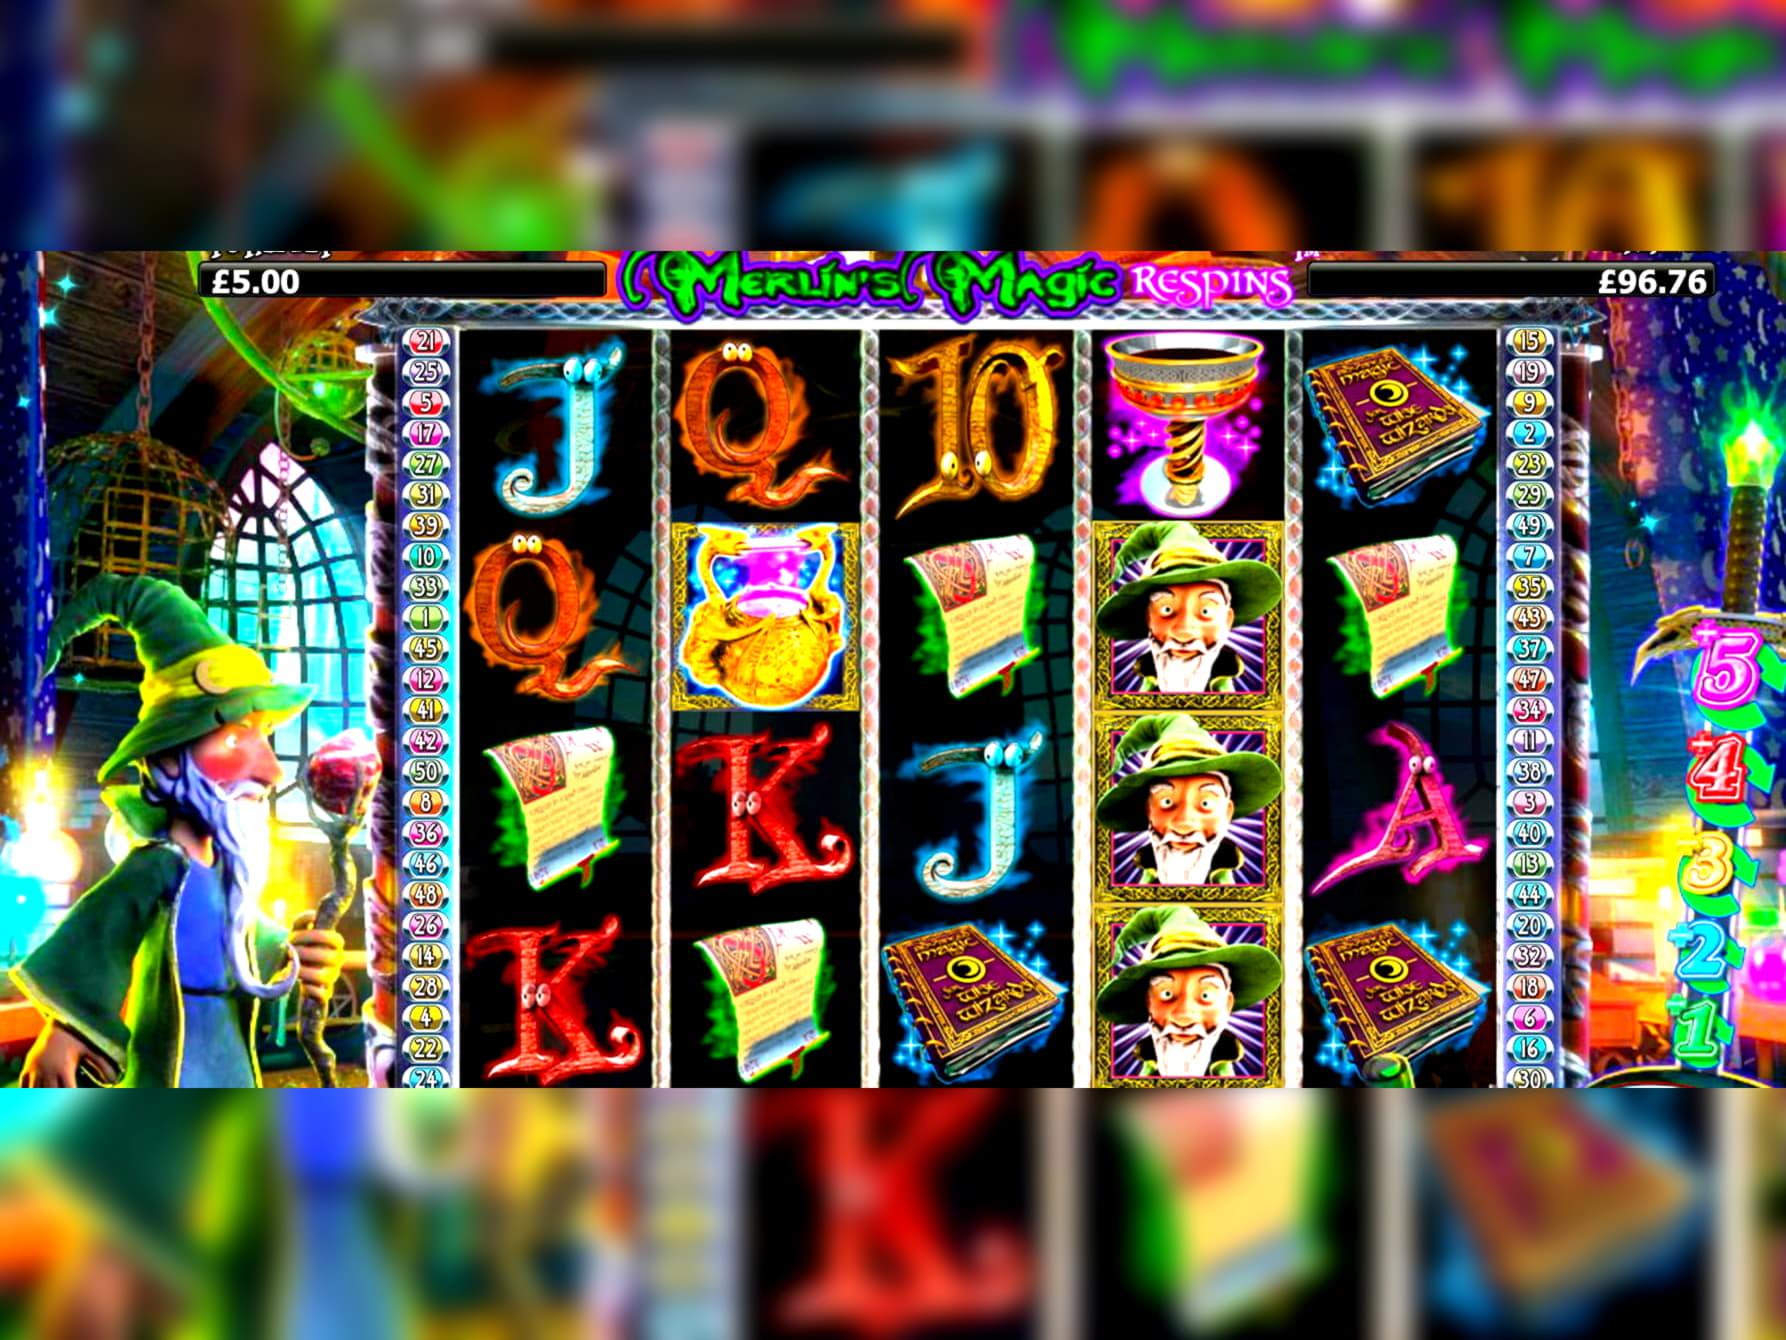 $400 Casino chip at Opti Bet Casino